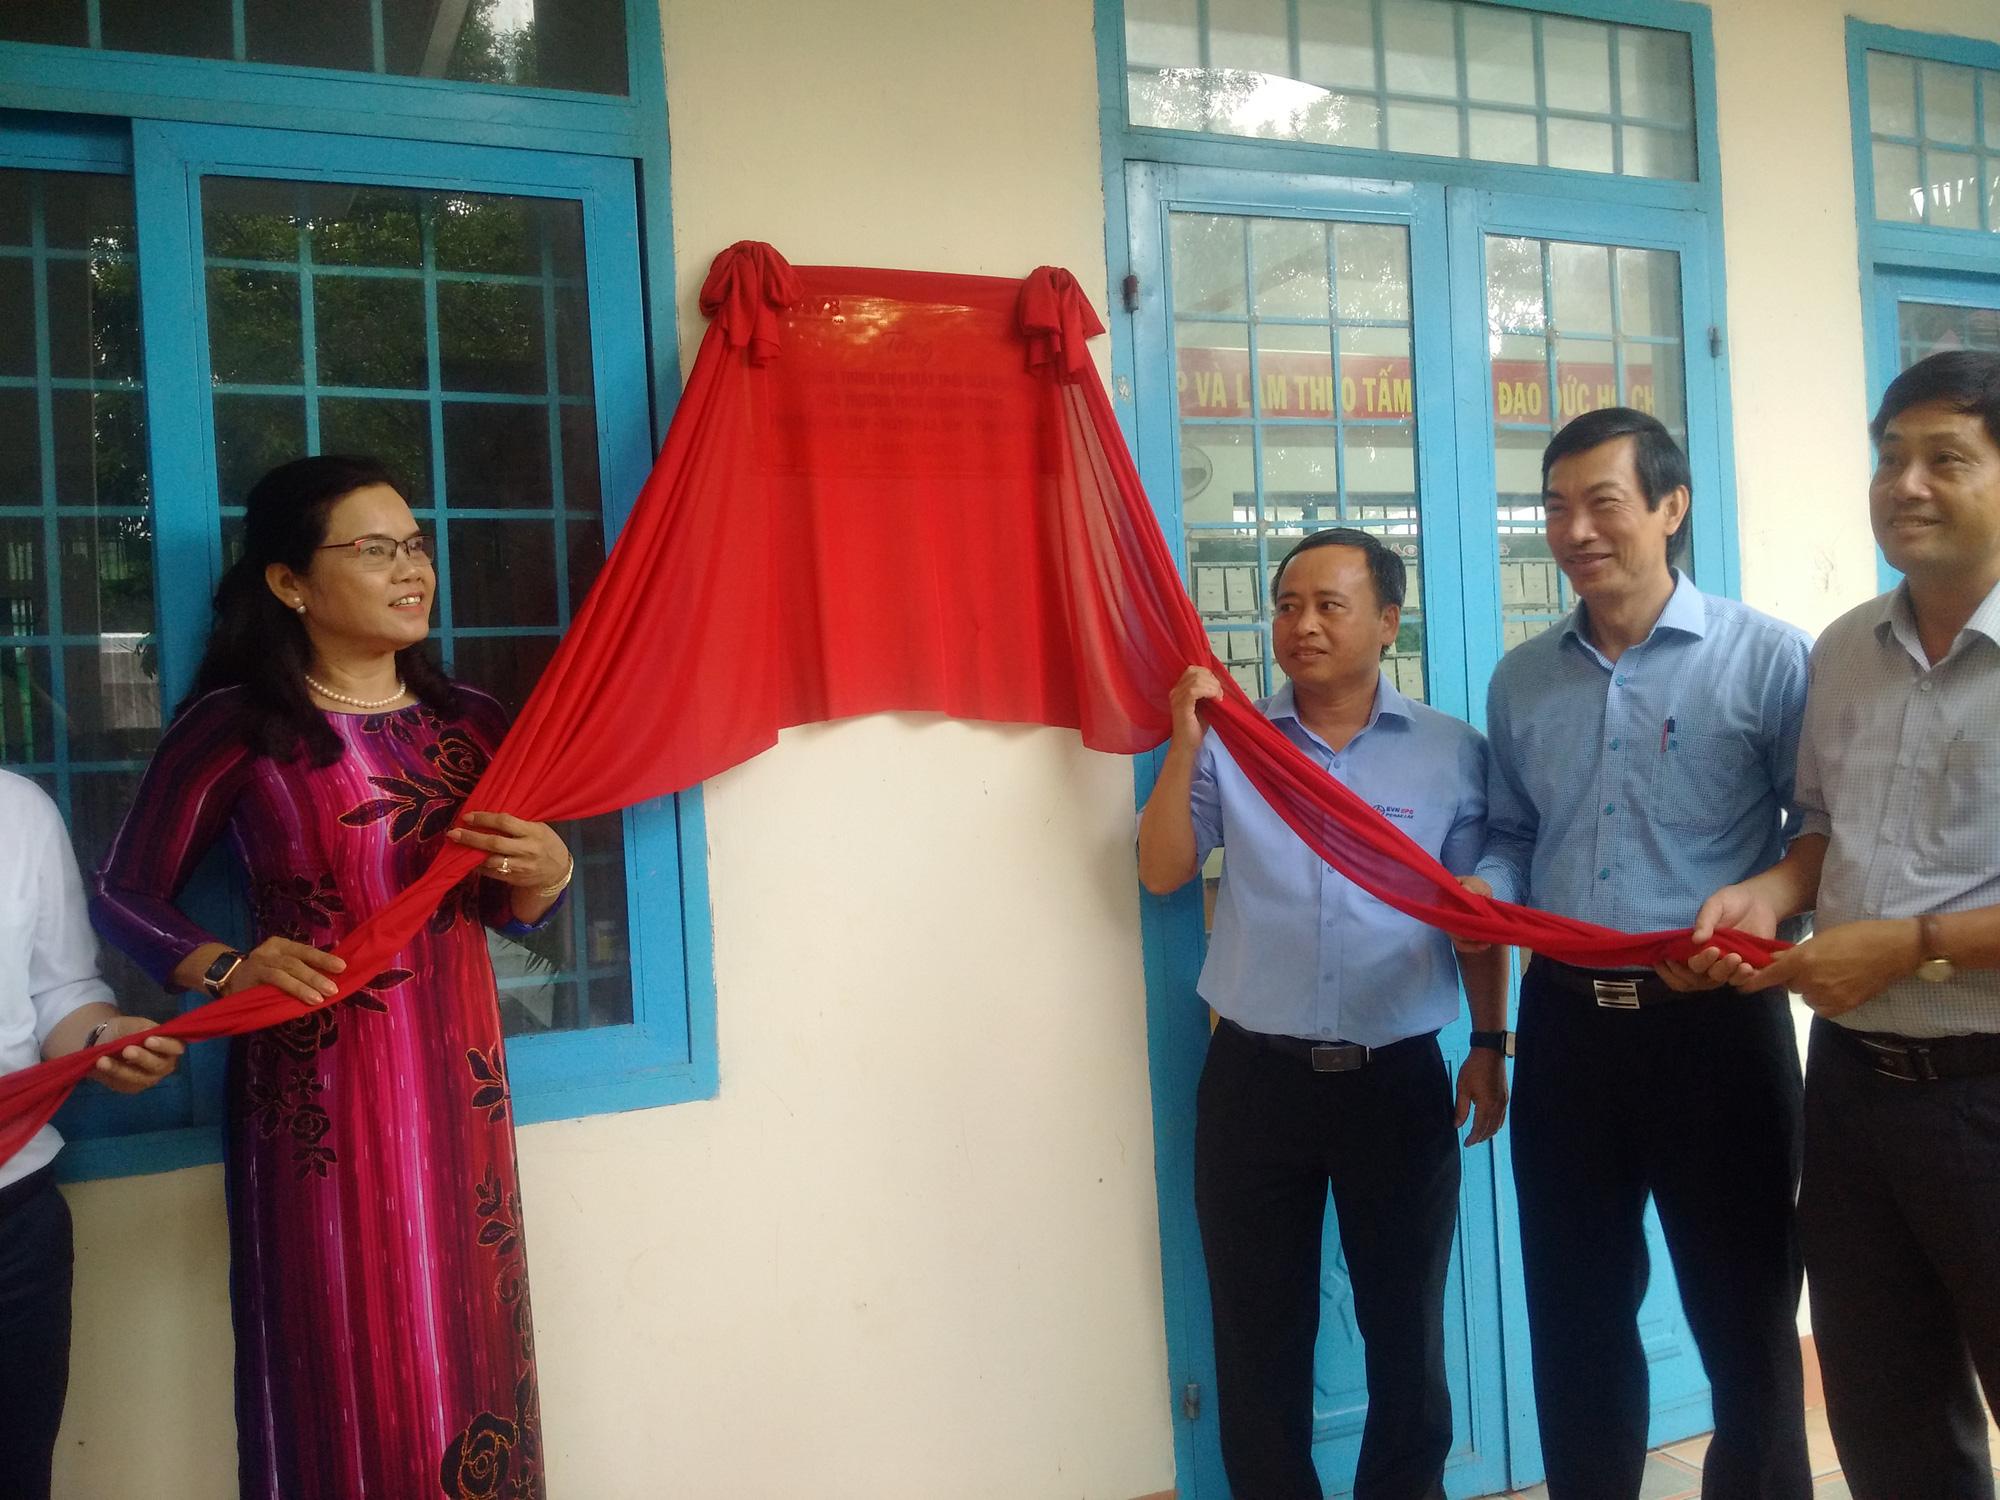 Tổng Công ty Điện lực miền Trung bàn giao hệ thống điện mặt trời mái nhà cho trường học tại Đắk Lắk - Ảnh 1.